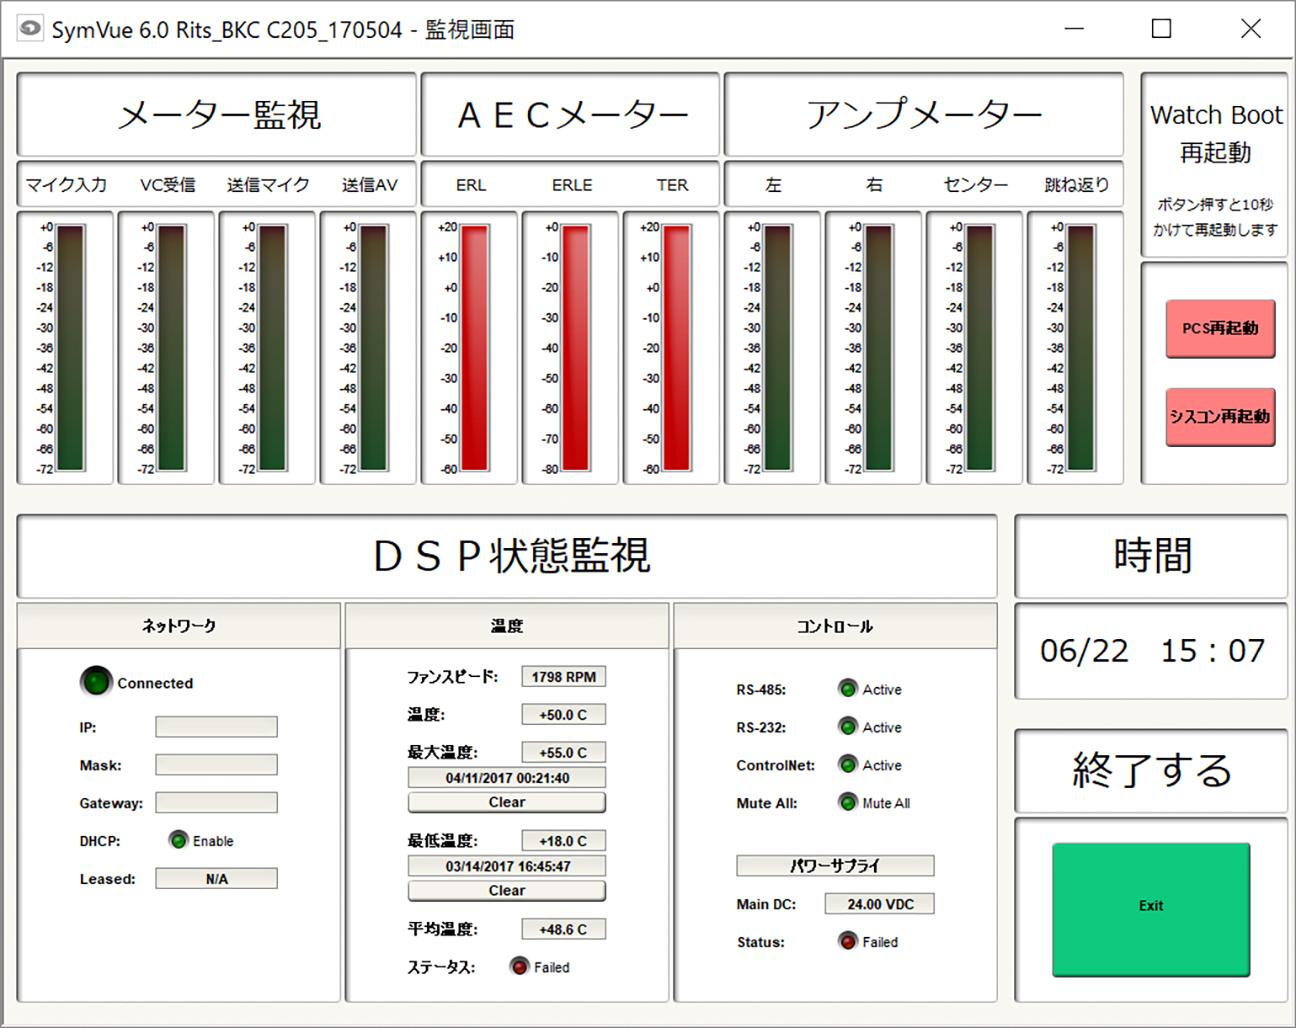 立命館大学 びわこ・くさつキャンパスのSymVue画面